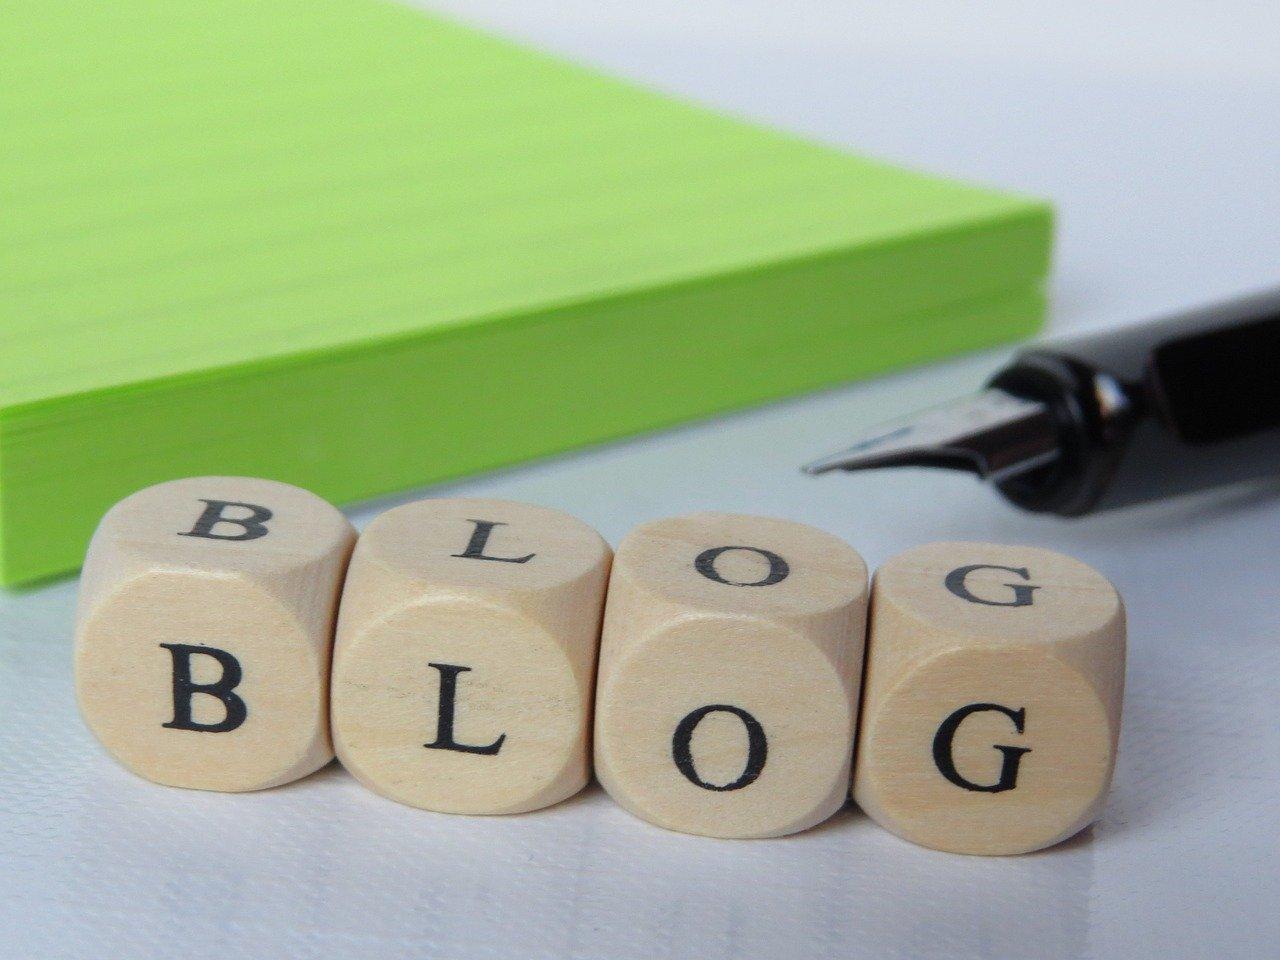 Création d'un site Internet Joinville-le-Pont avec WordPress